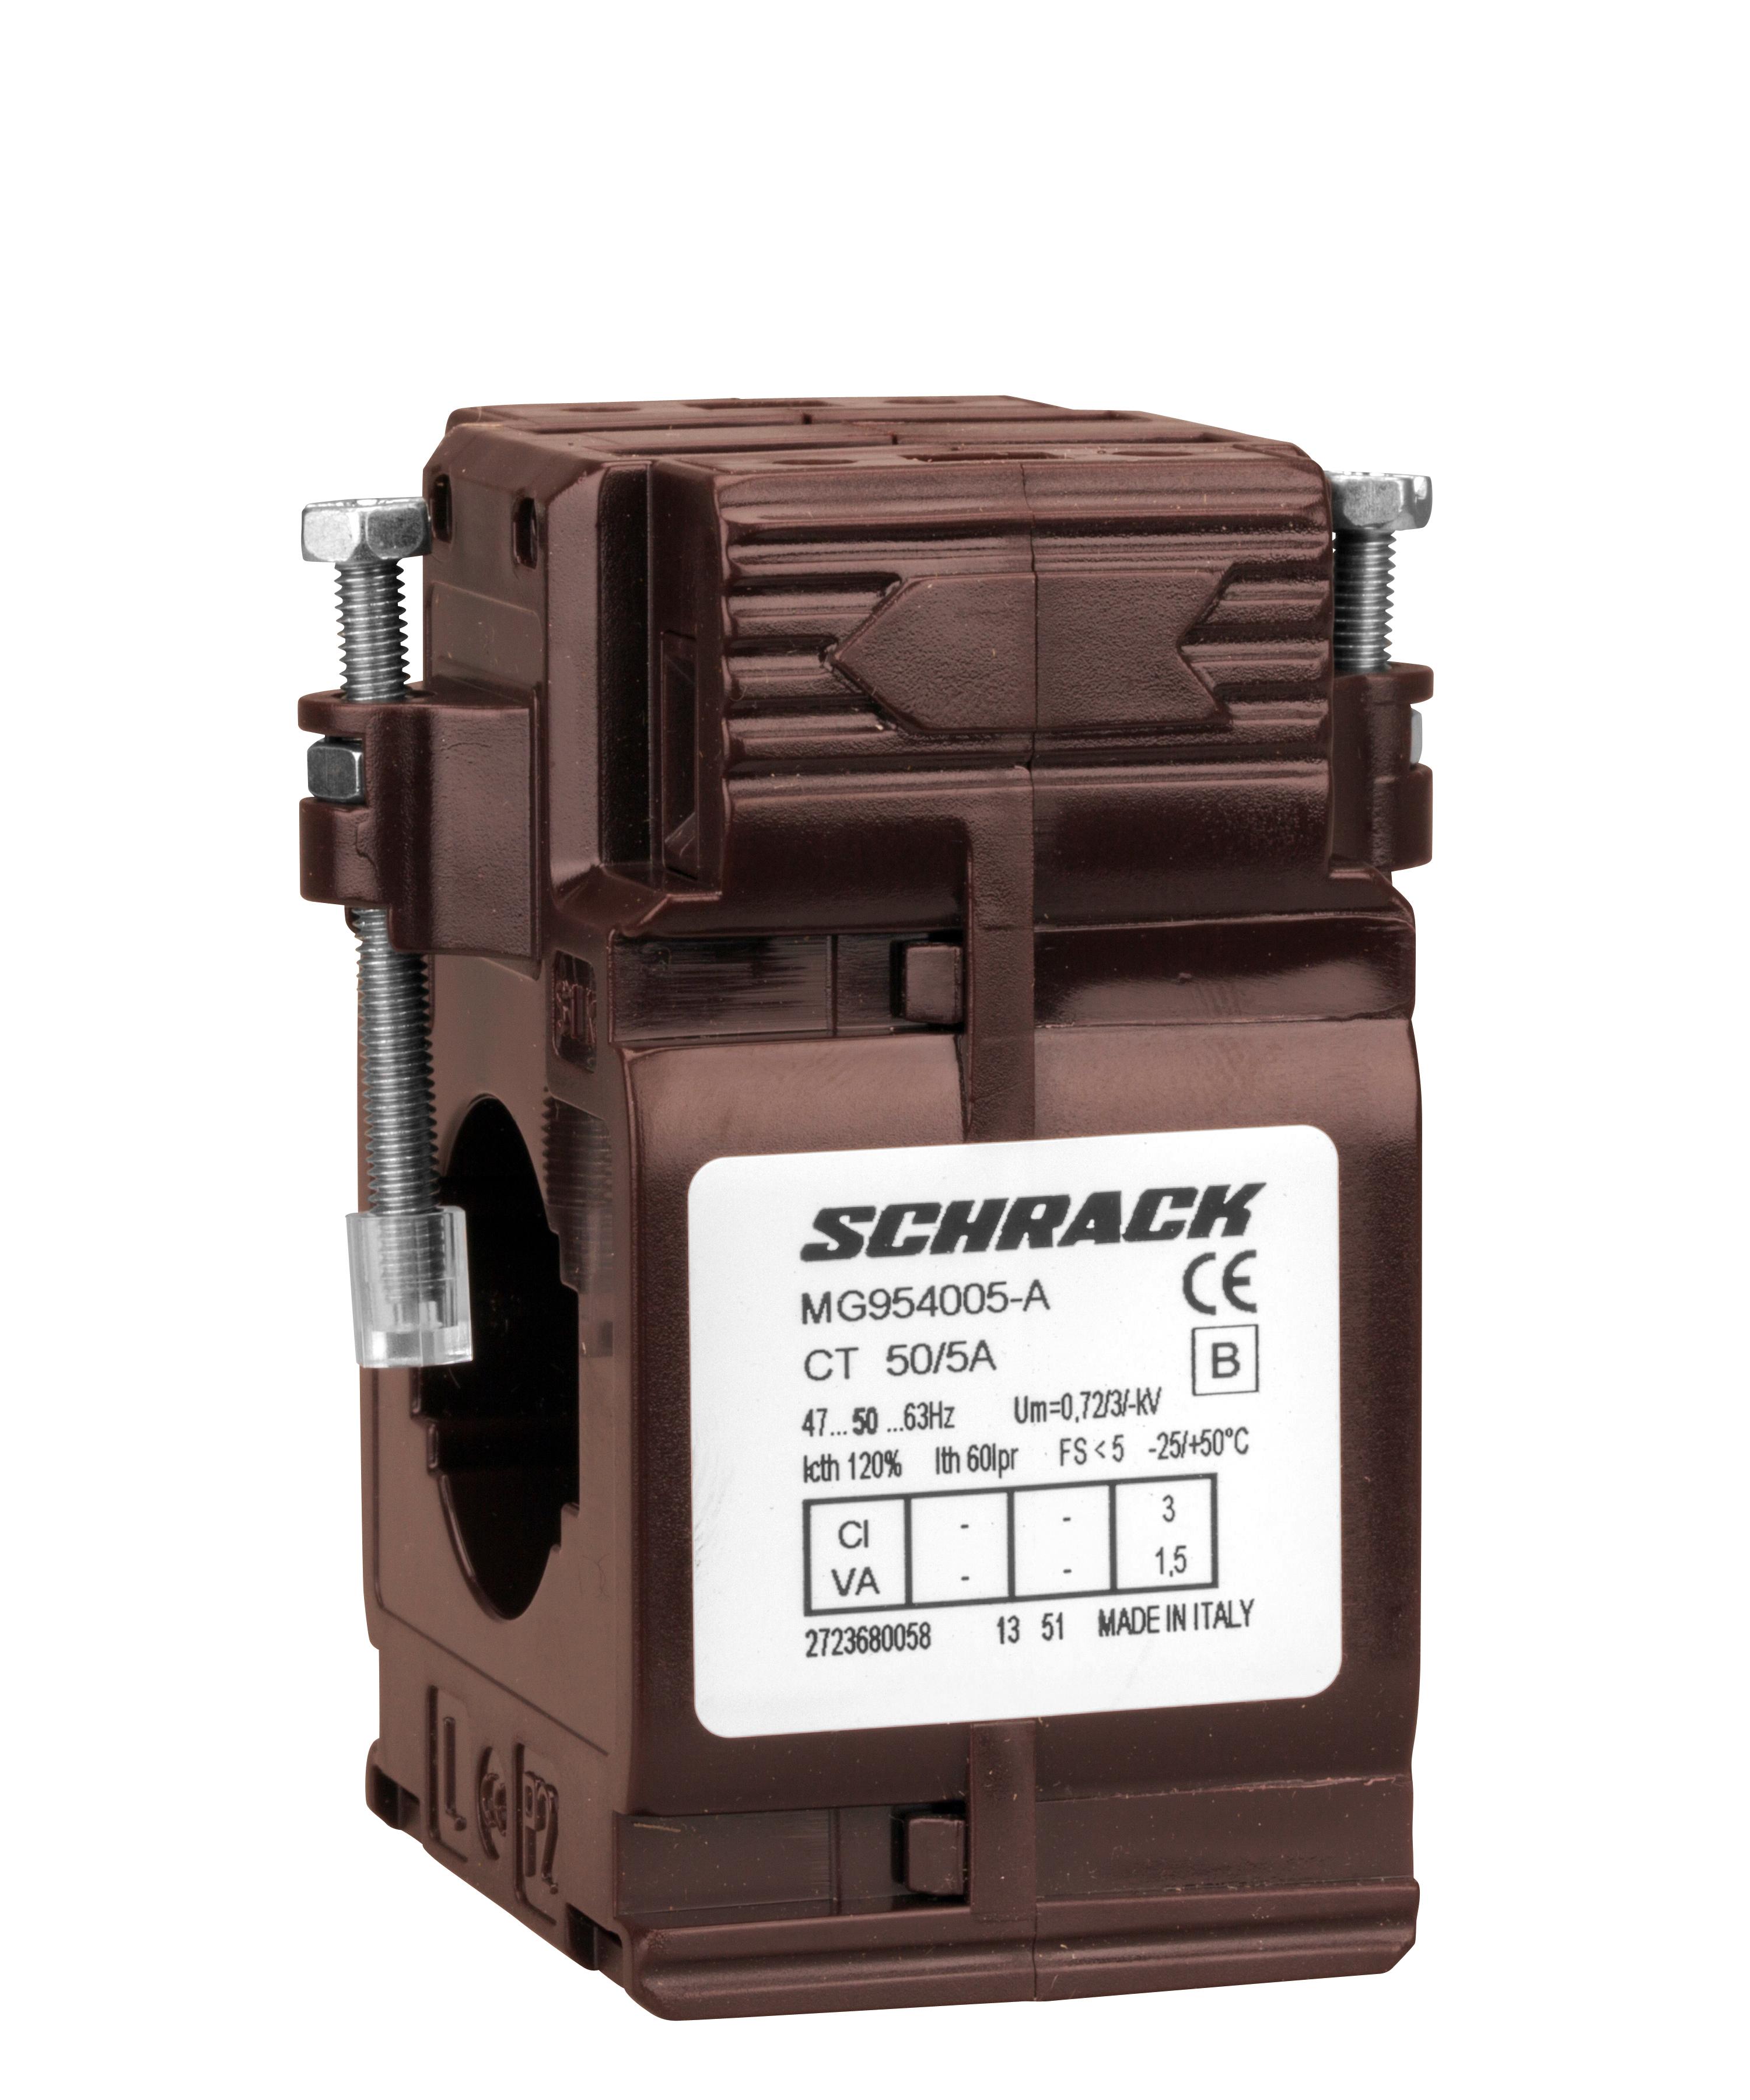 1 Stk Durchsteckstromwandler, 50A/5A, 30x10mm, Klasse 3 MG954005-A